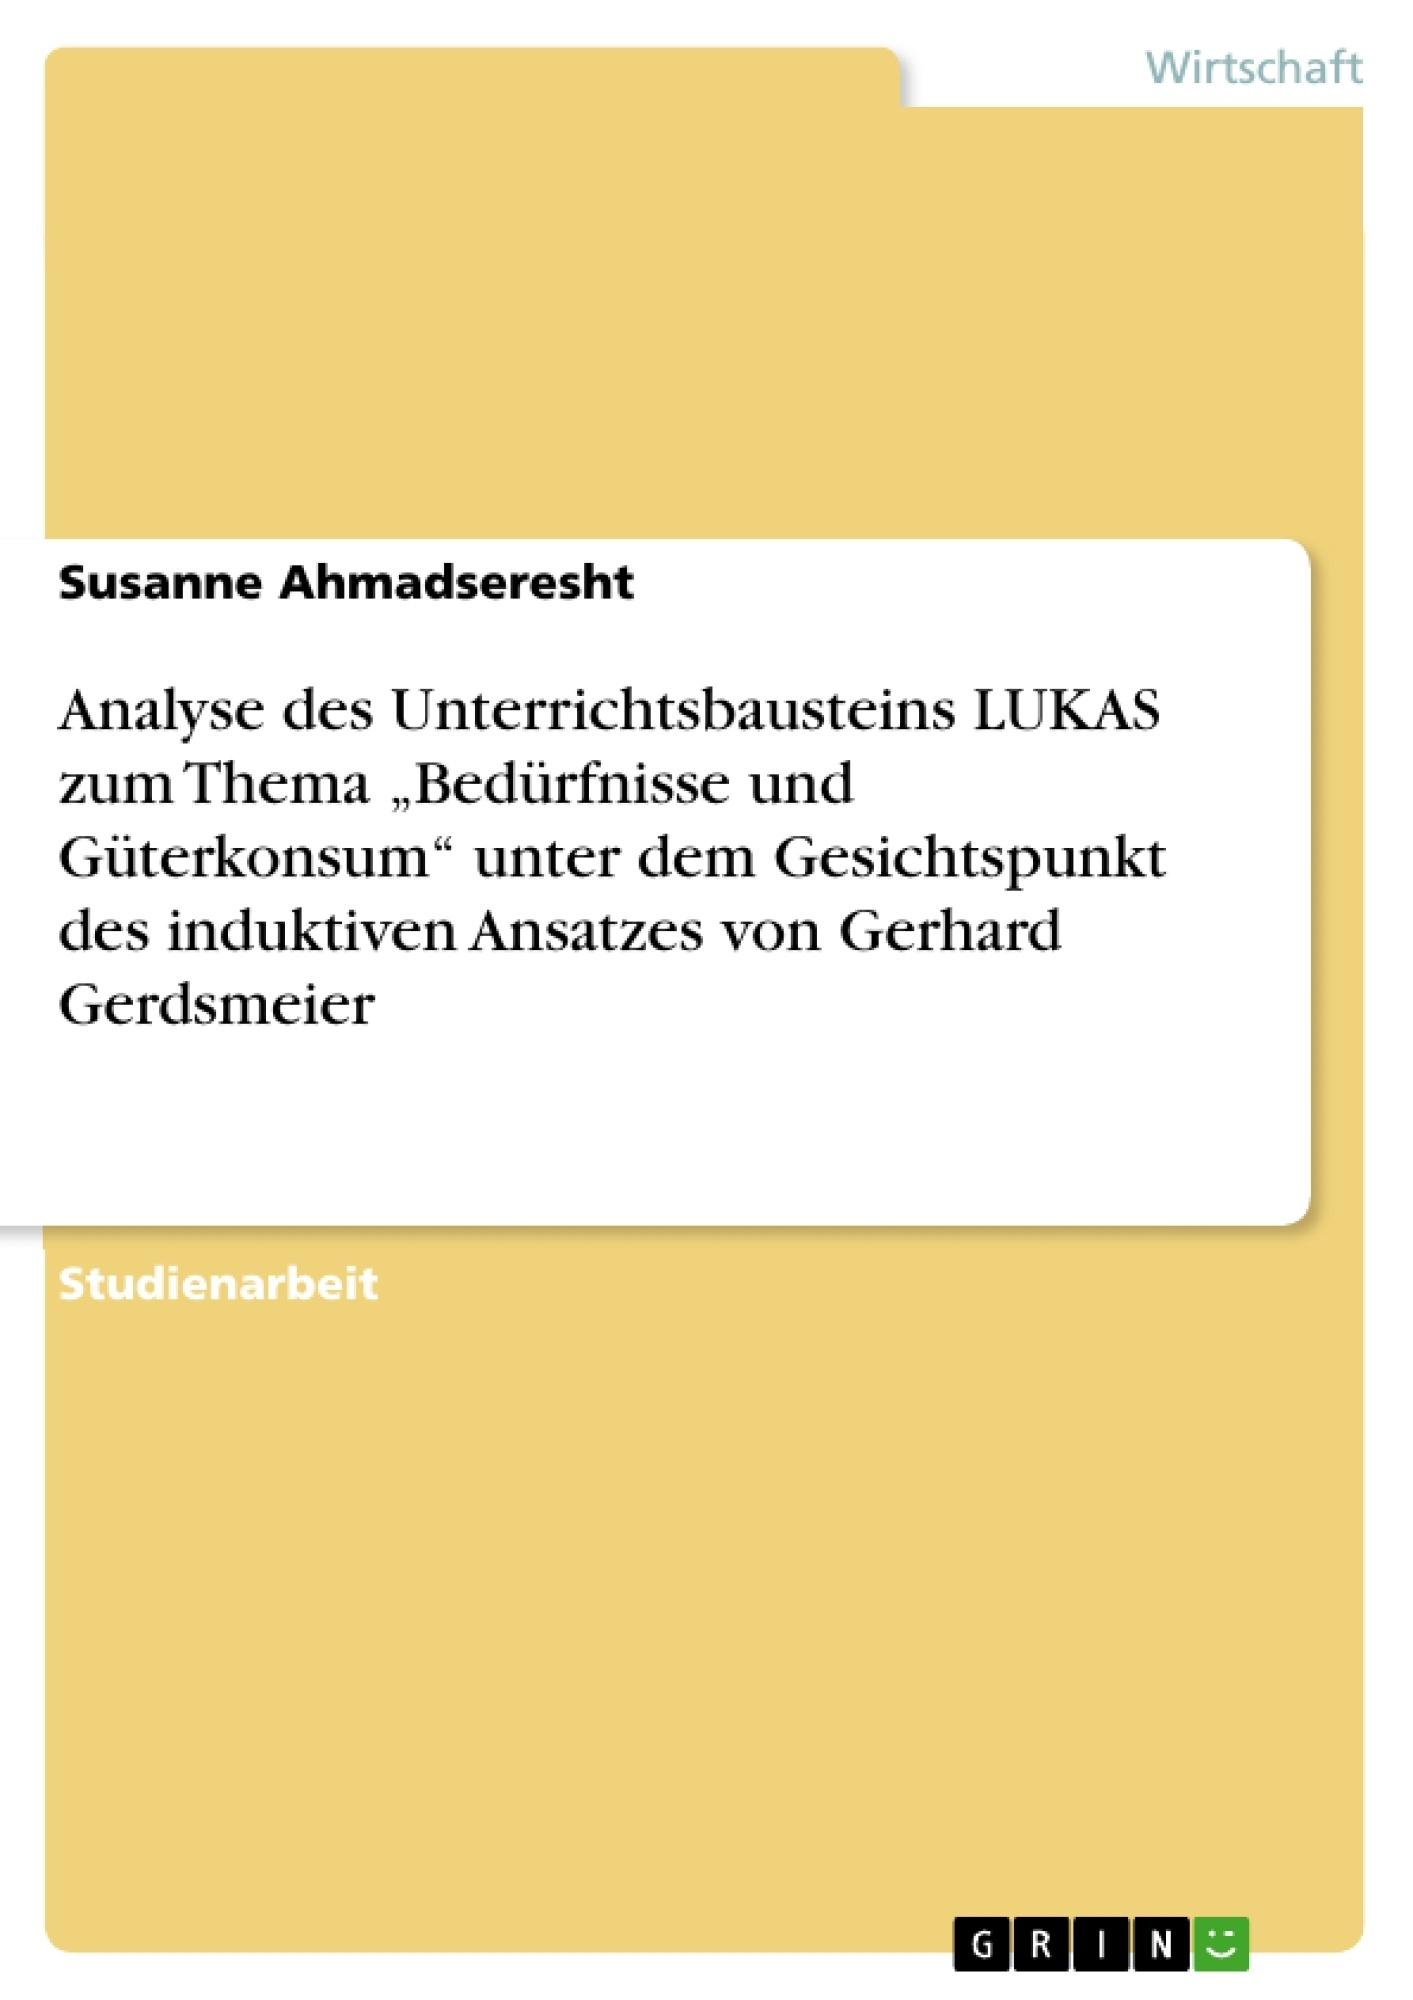 """Titel: Analyse des Unterrichtsbausteins LUKAS  zum Thema """"Bedürfnisse und Güterkonsum"""" unter dem Gesichtspunkt des induktiven Ansatzes von Gerhard Gerdsmeier"""